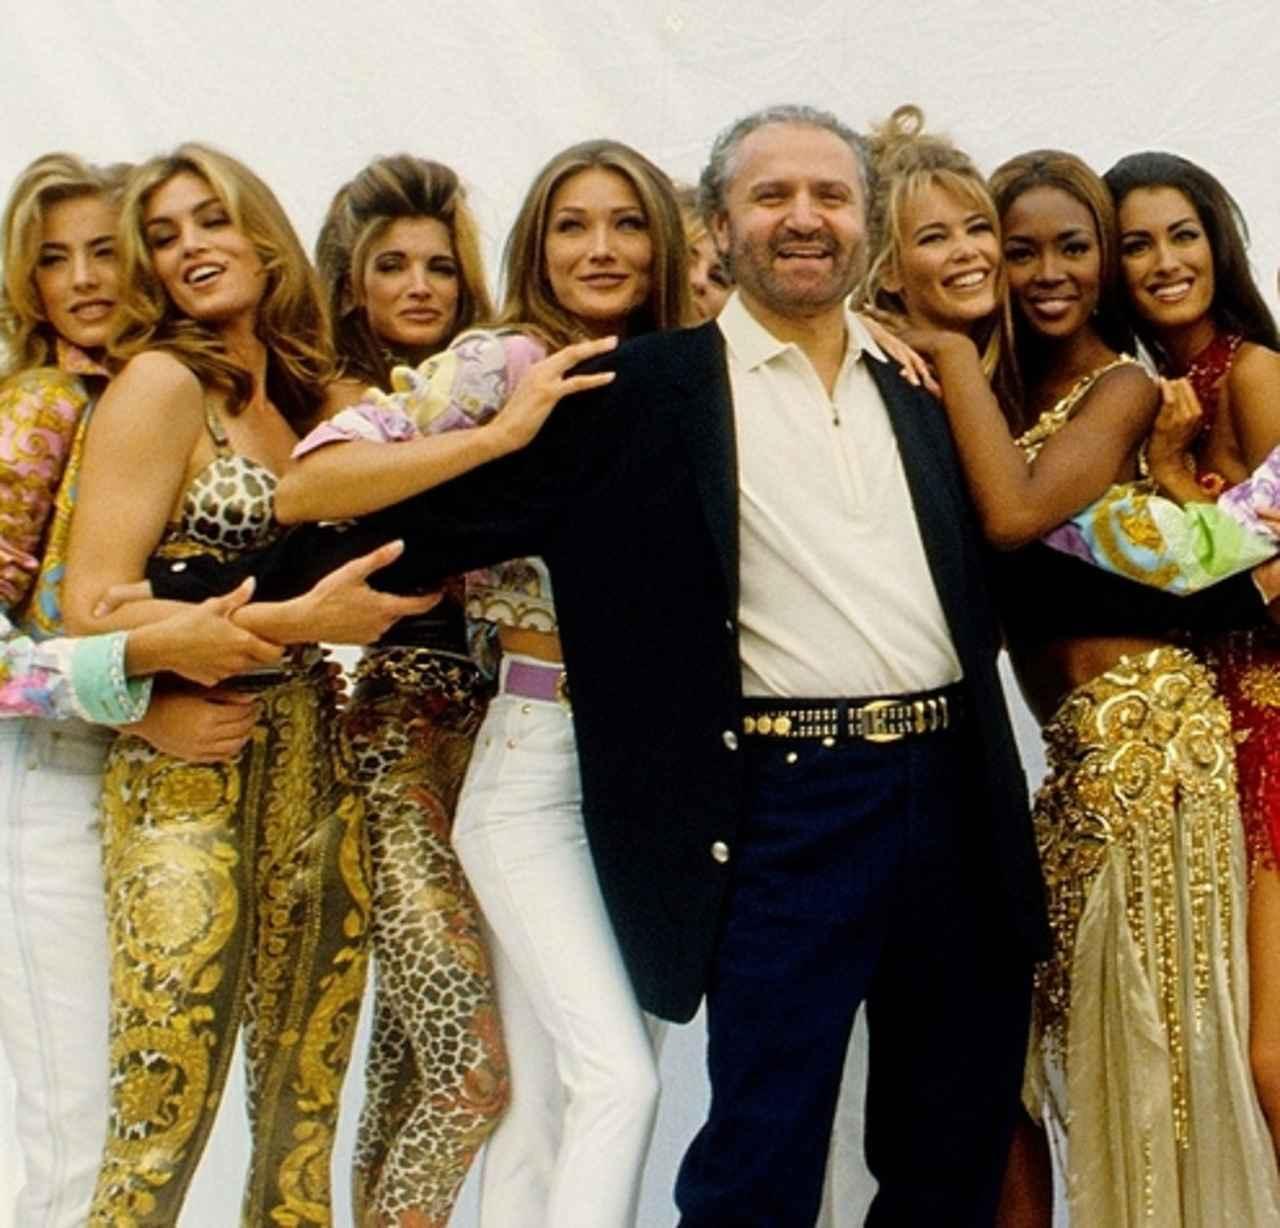 画像: 90年代に一世を風靡した元祖スーパーモデル軍団とジャンニ。